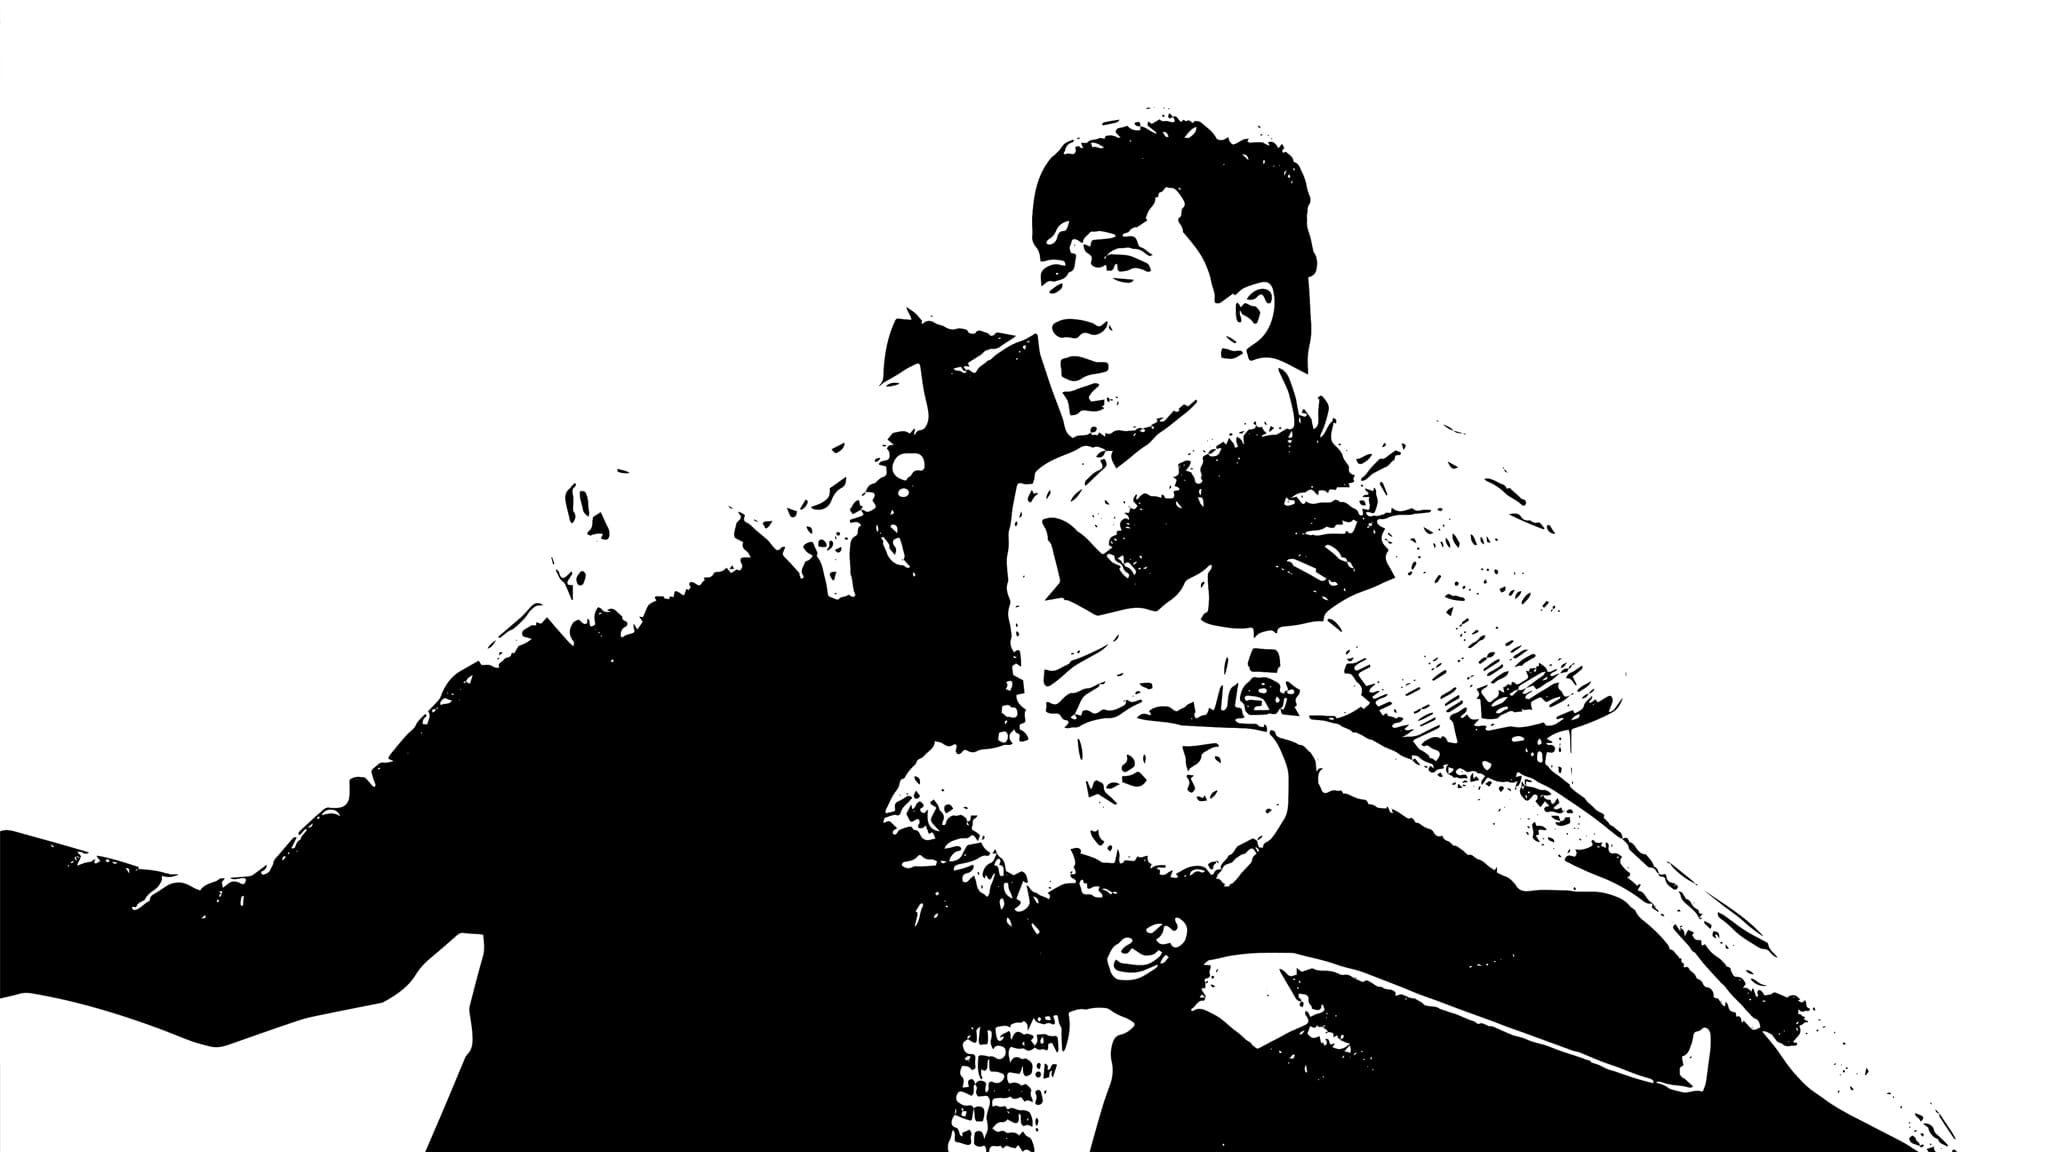 Mr Nice Guy 1997 Ganzer Film Deutsch Komplett Kino Kann Ein Fernsehkoch Eine Ernstzunehmende Bedrohun Full Movies Online Free Free Movies Online Movies Online